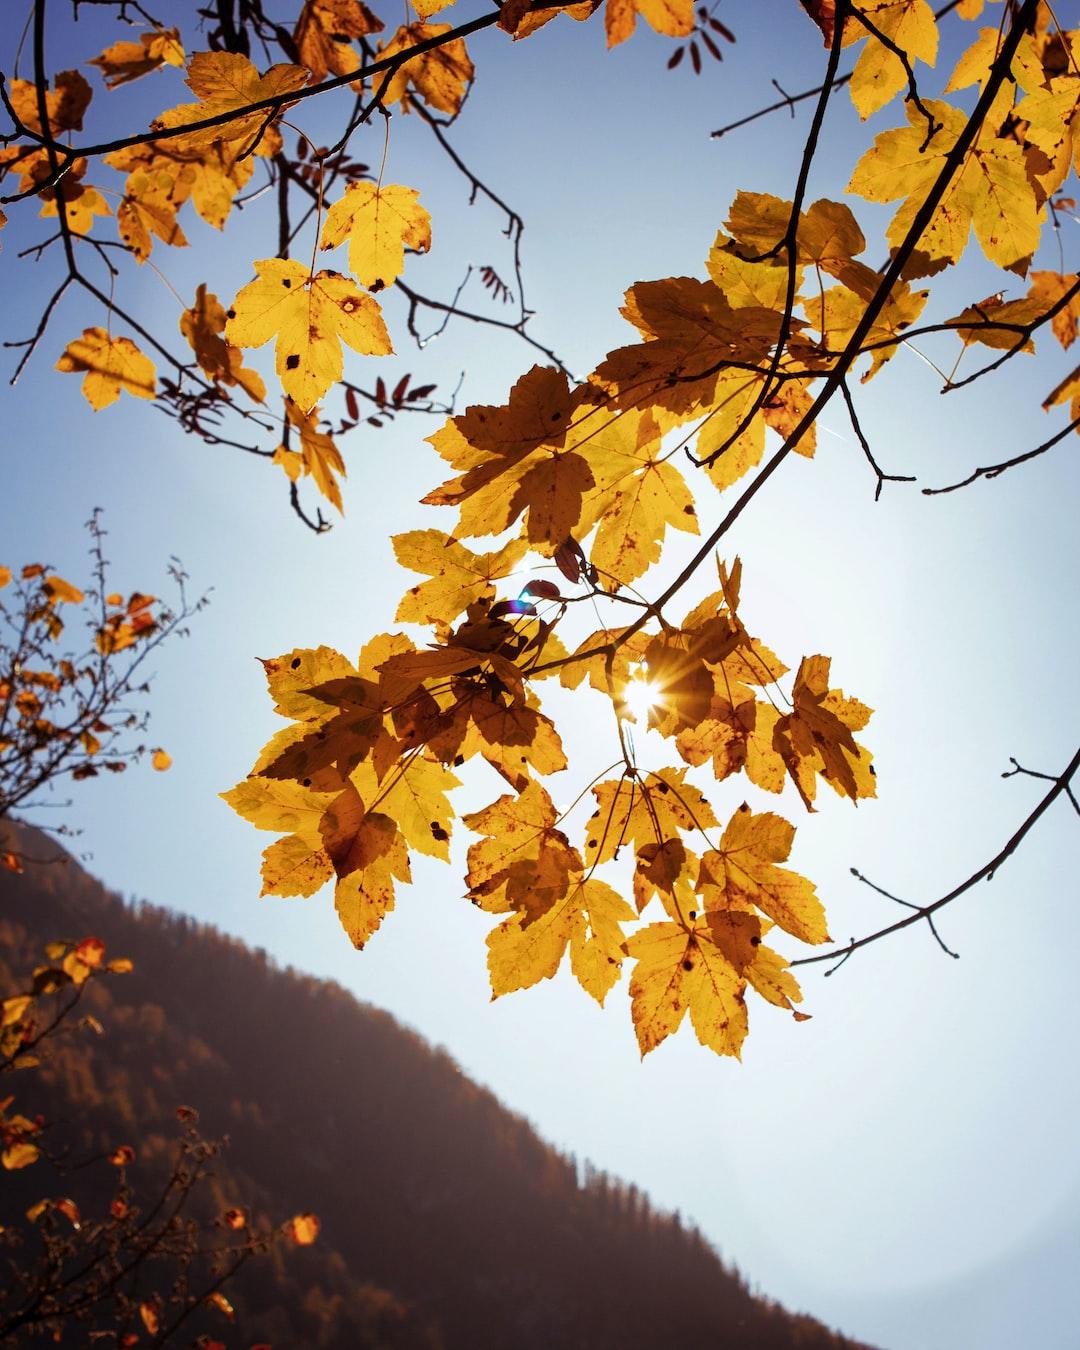 Le foglie in autunno sono belle